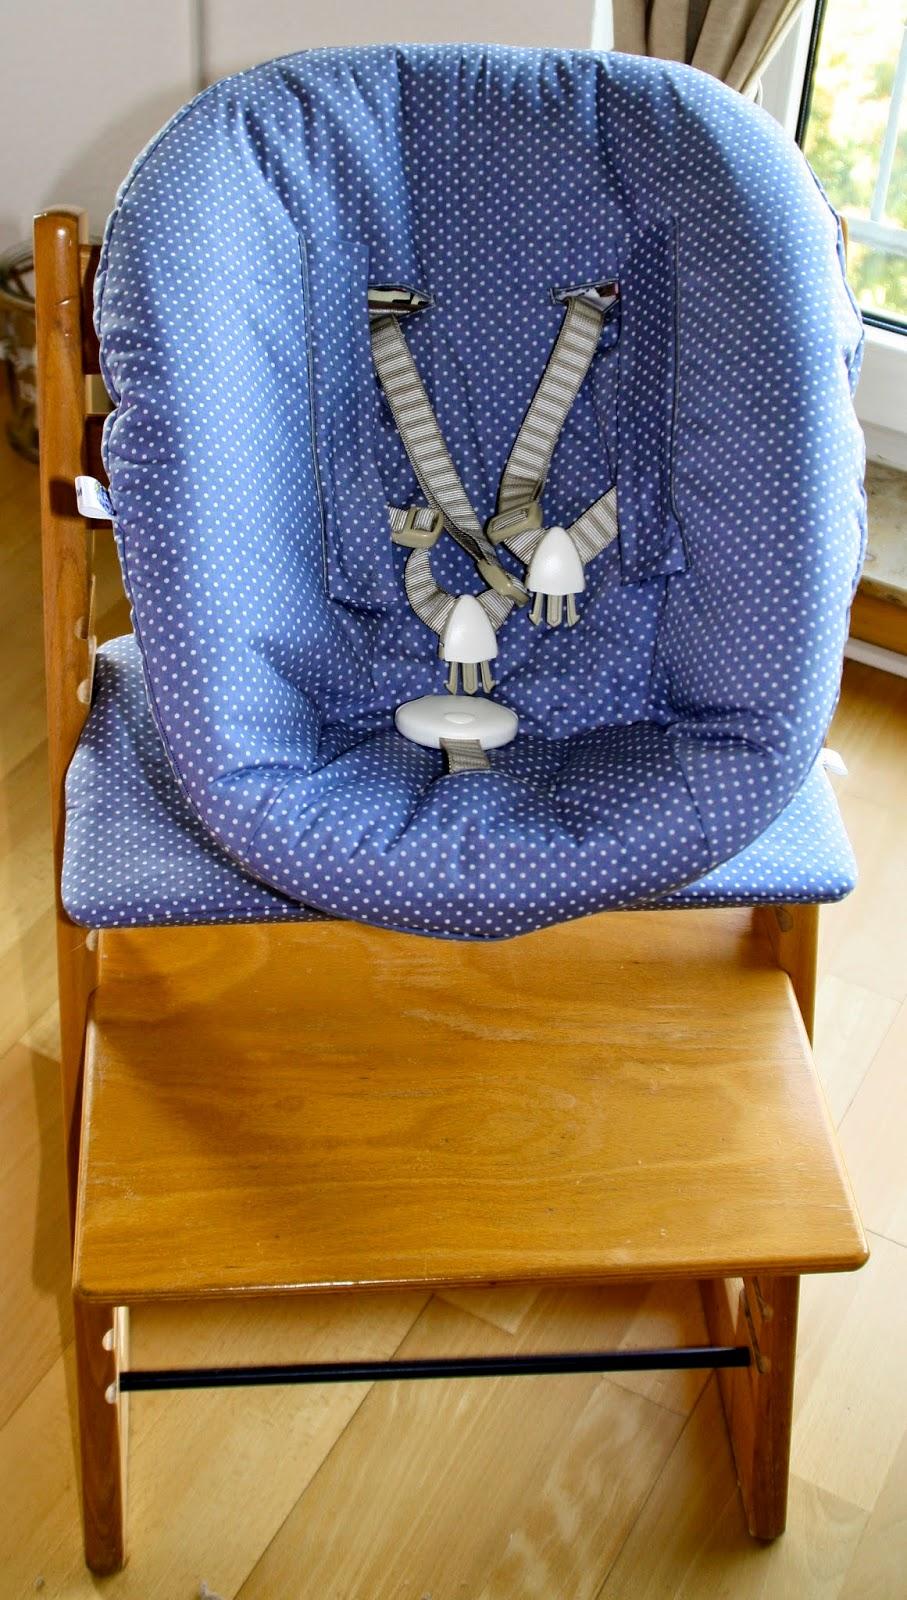 margareteshandmadebox verbesserte sitzbez ge f r den tripp trapp newborn aussatz. Black Bedroom Furniture Sets. Home Design Ideas